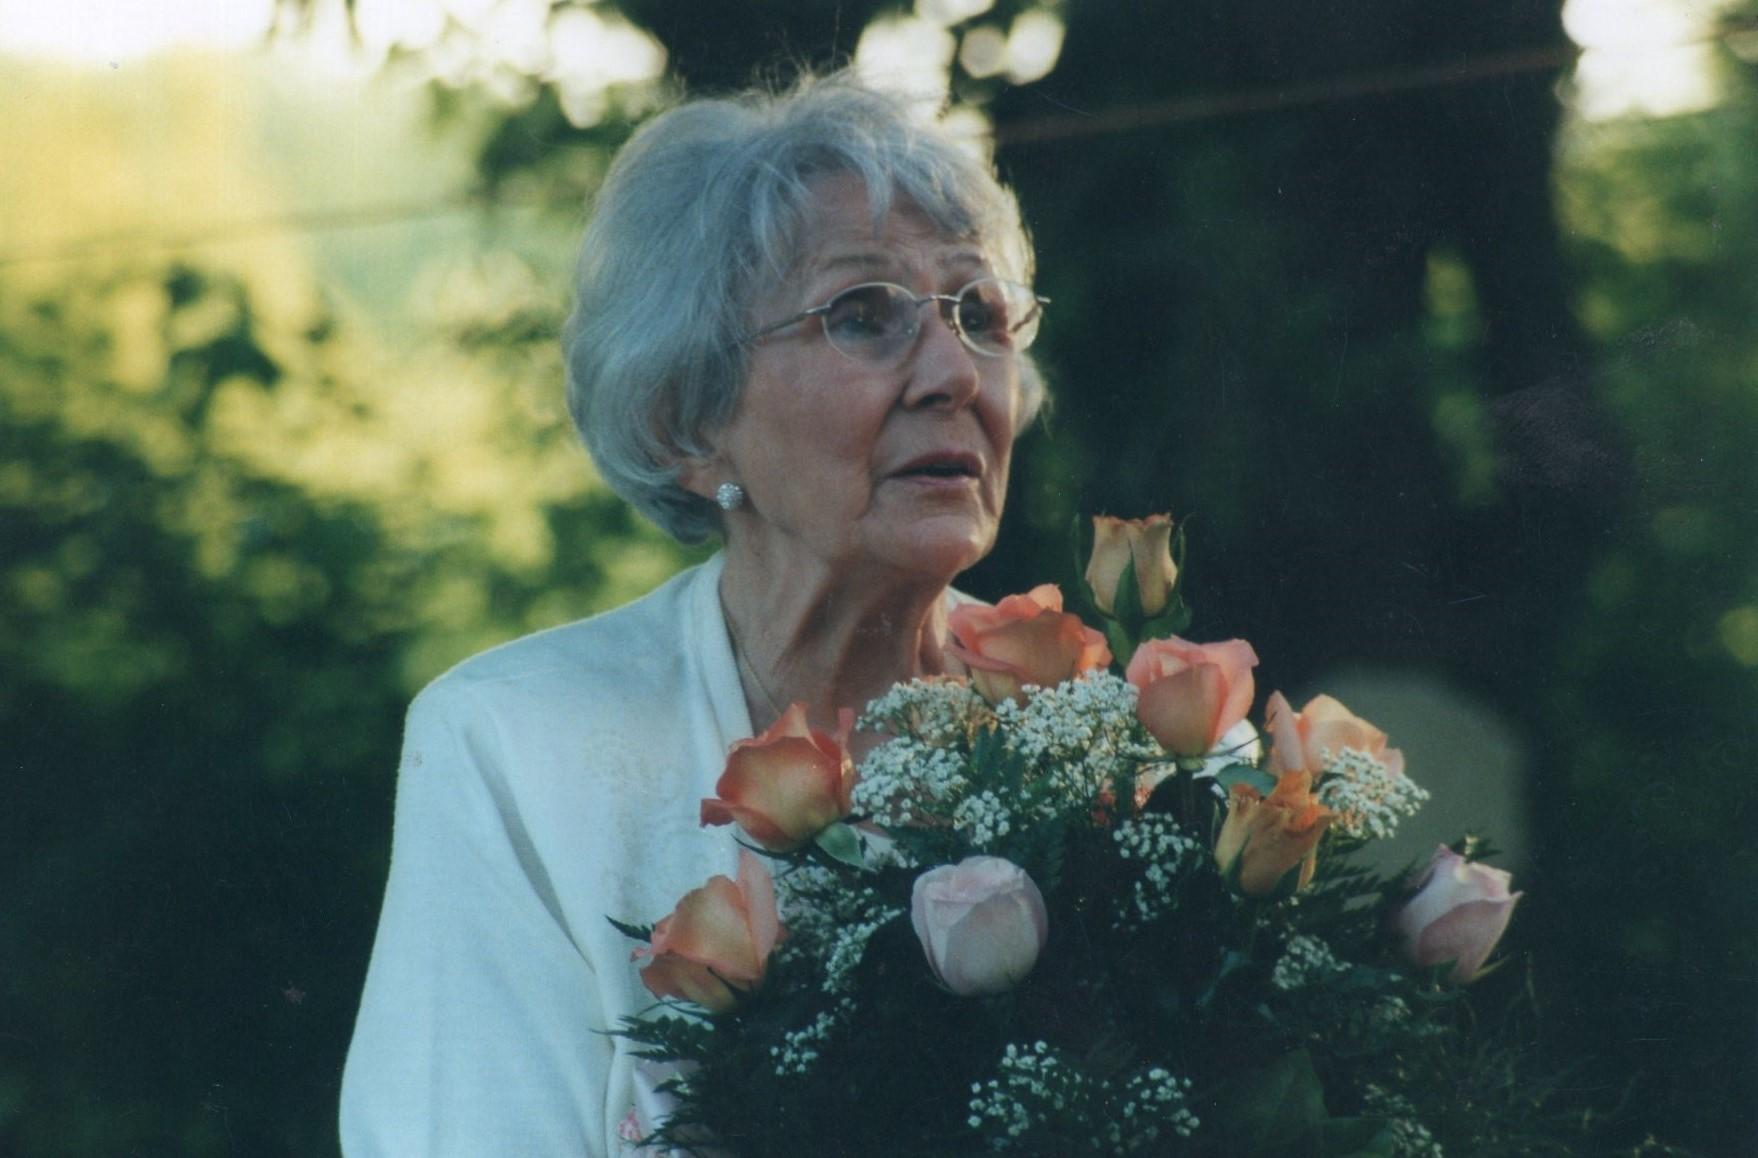 J. Švabaitė su gėlėmis. Čikaga, 2001 m.